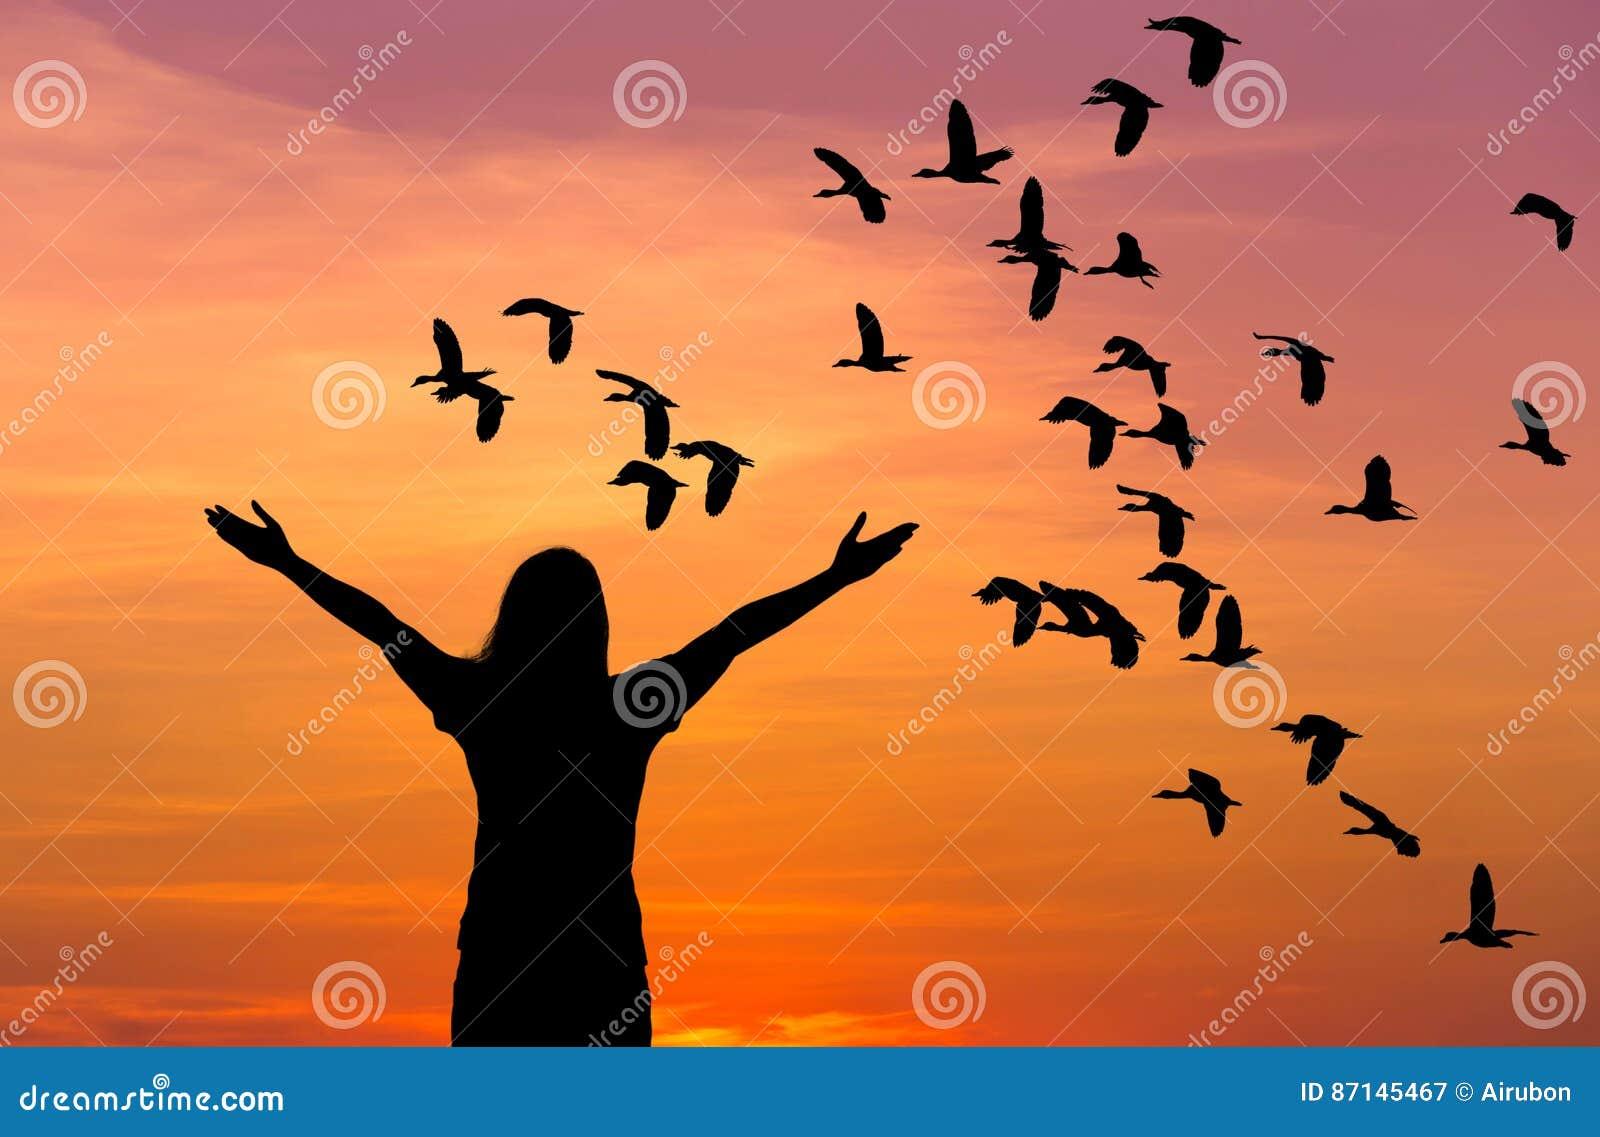 Mostre em silhueta a posição da mulher levantada acima das mãos durante o rebanho de pouco voo de assobio do pato no por do sol